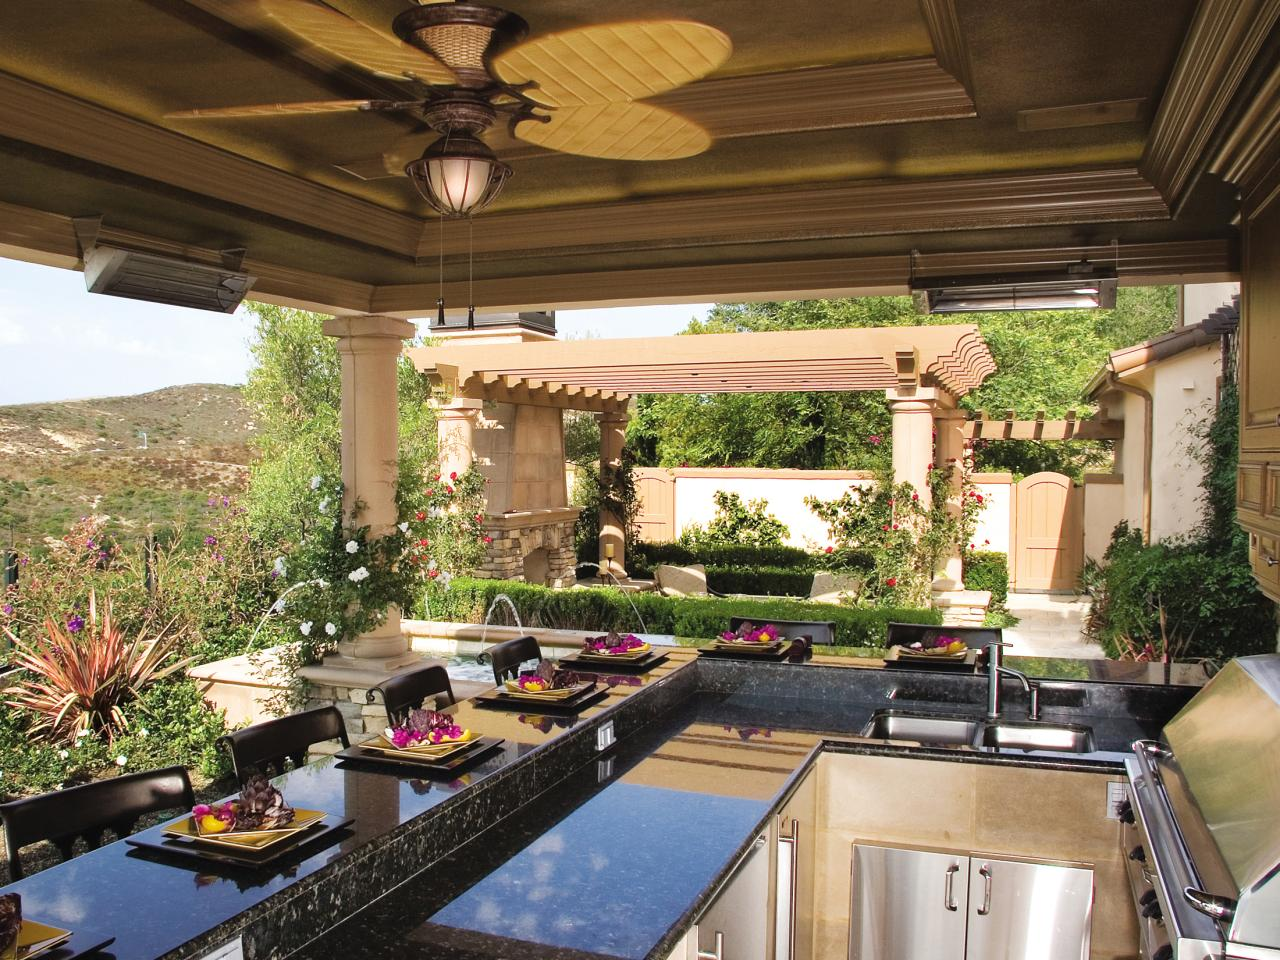 Outdoor Kitchen Countertops Options | HGTV on Patio Kitchen id=68673